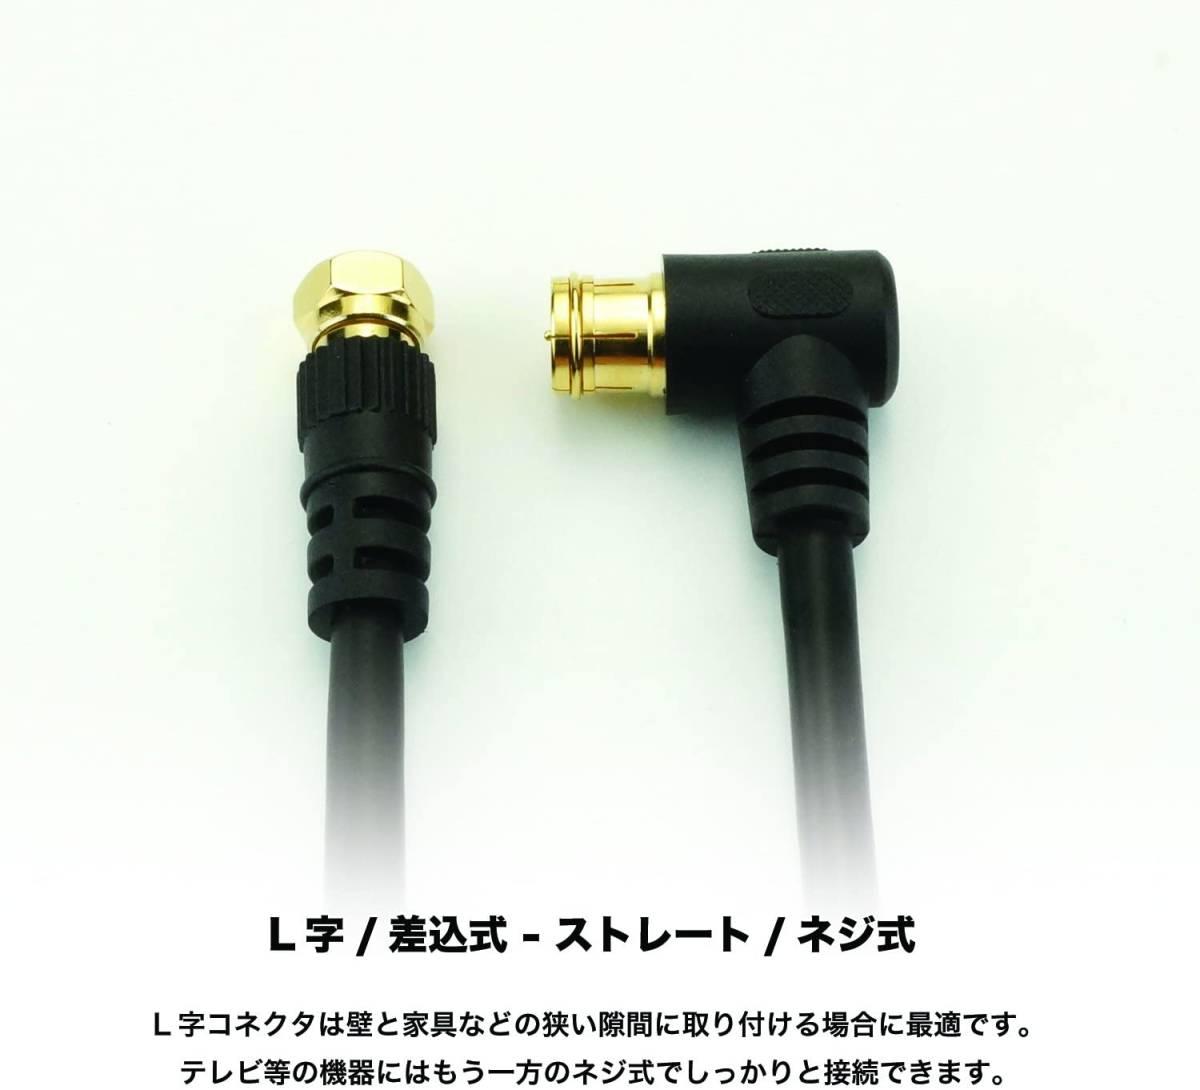 【送料無料】HORIC アンテナケーブル S-4C-FB同軸 1.5m ブラック 黒 F型差込式/ネジ式コネクタ L字/ストレートタイプ HAT15-040LSBK_画像4